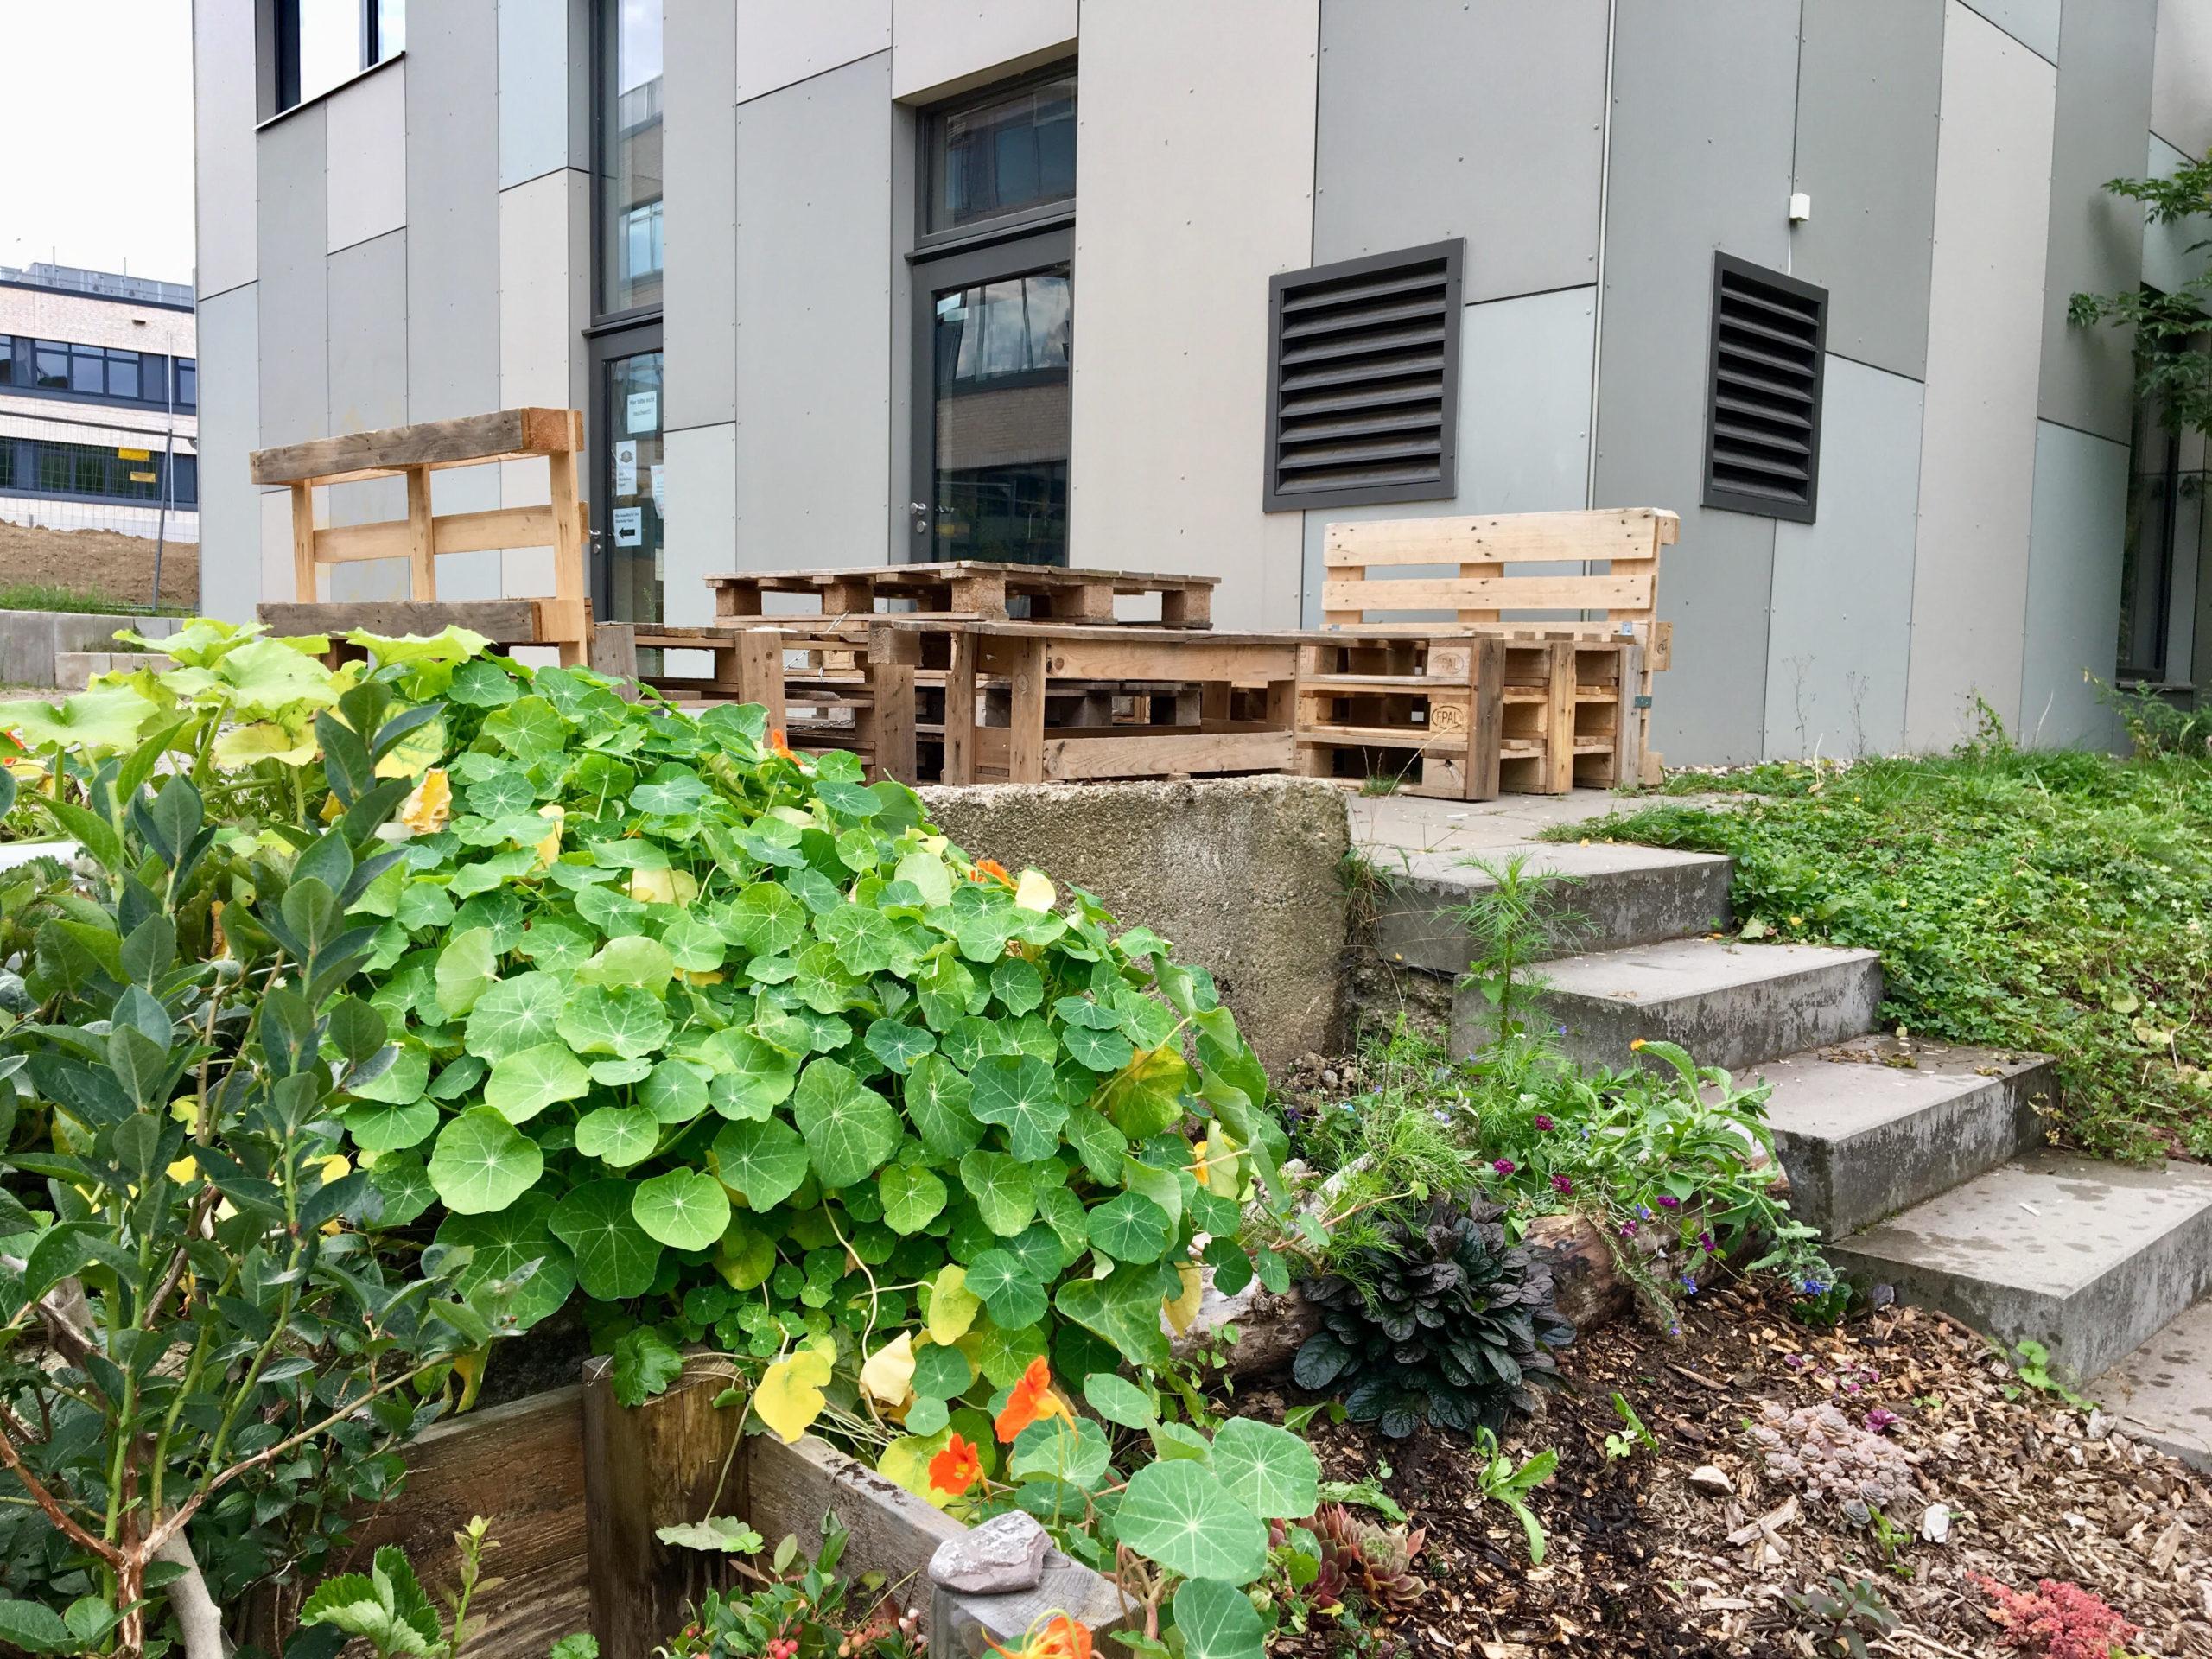 #meinessbaresKöln - Jugendzentrum Weiden: selbstgebaute Sitzgruppe und Hochbeete mit Kräutern, Beeren und anderen insektenfreundlichen Pflanzen